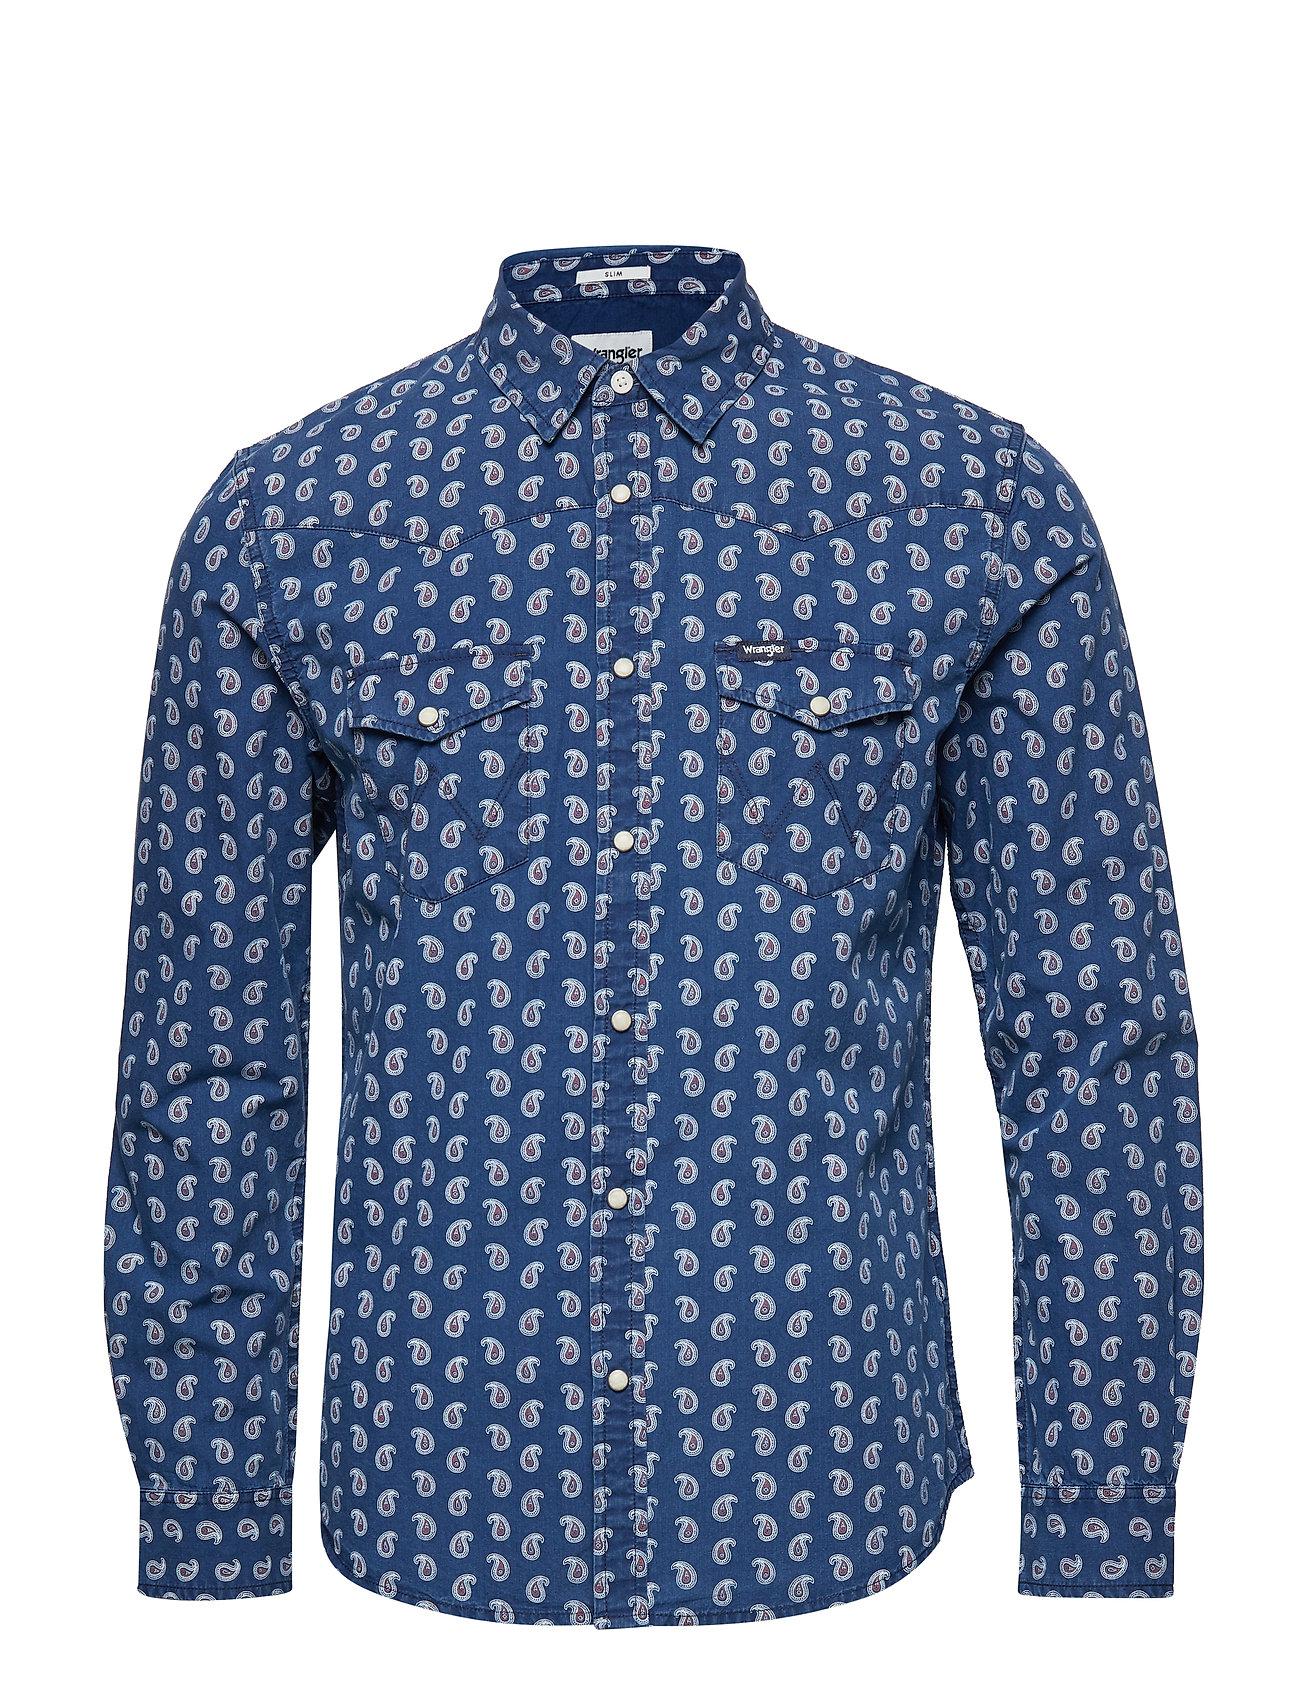 503e6dc913 Ls Western Shirt (Mid Indigo) (47.97 €) - Wrangler - | Boozt.com